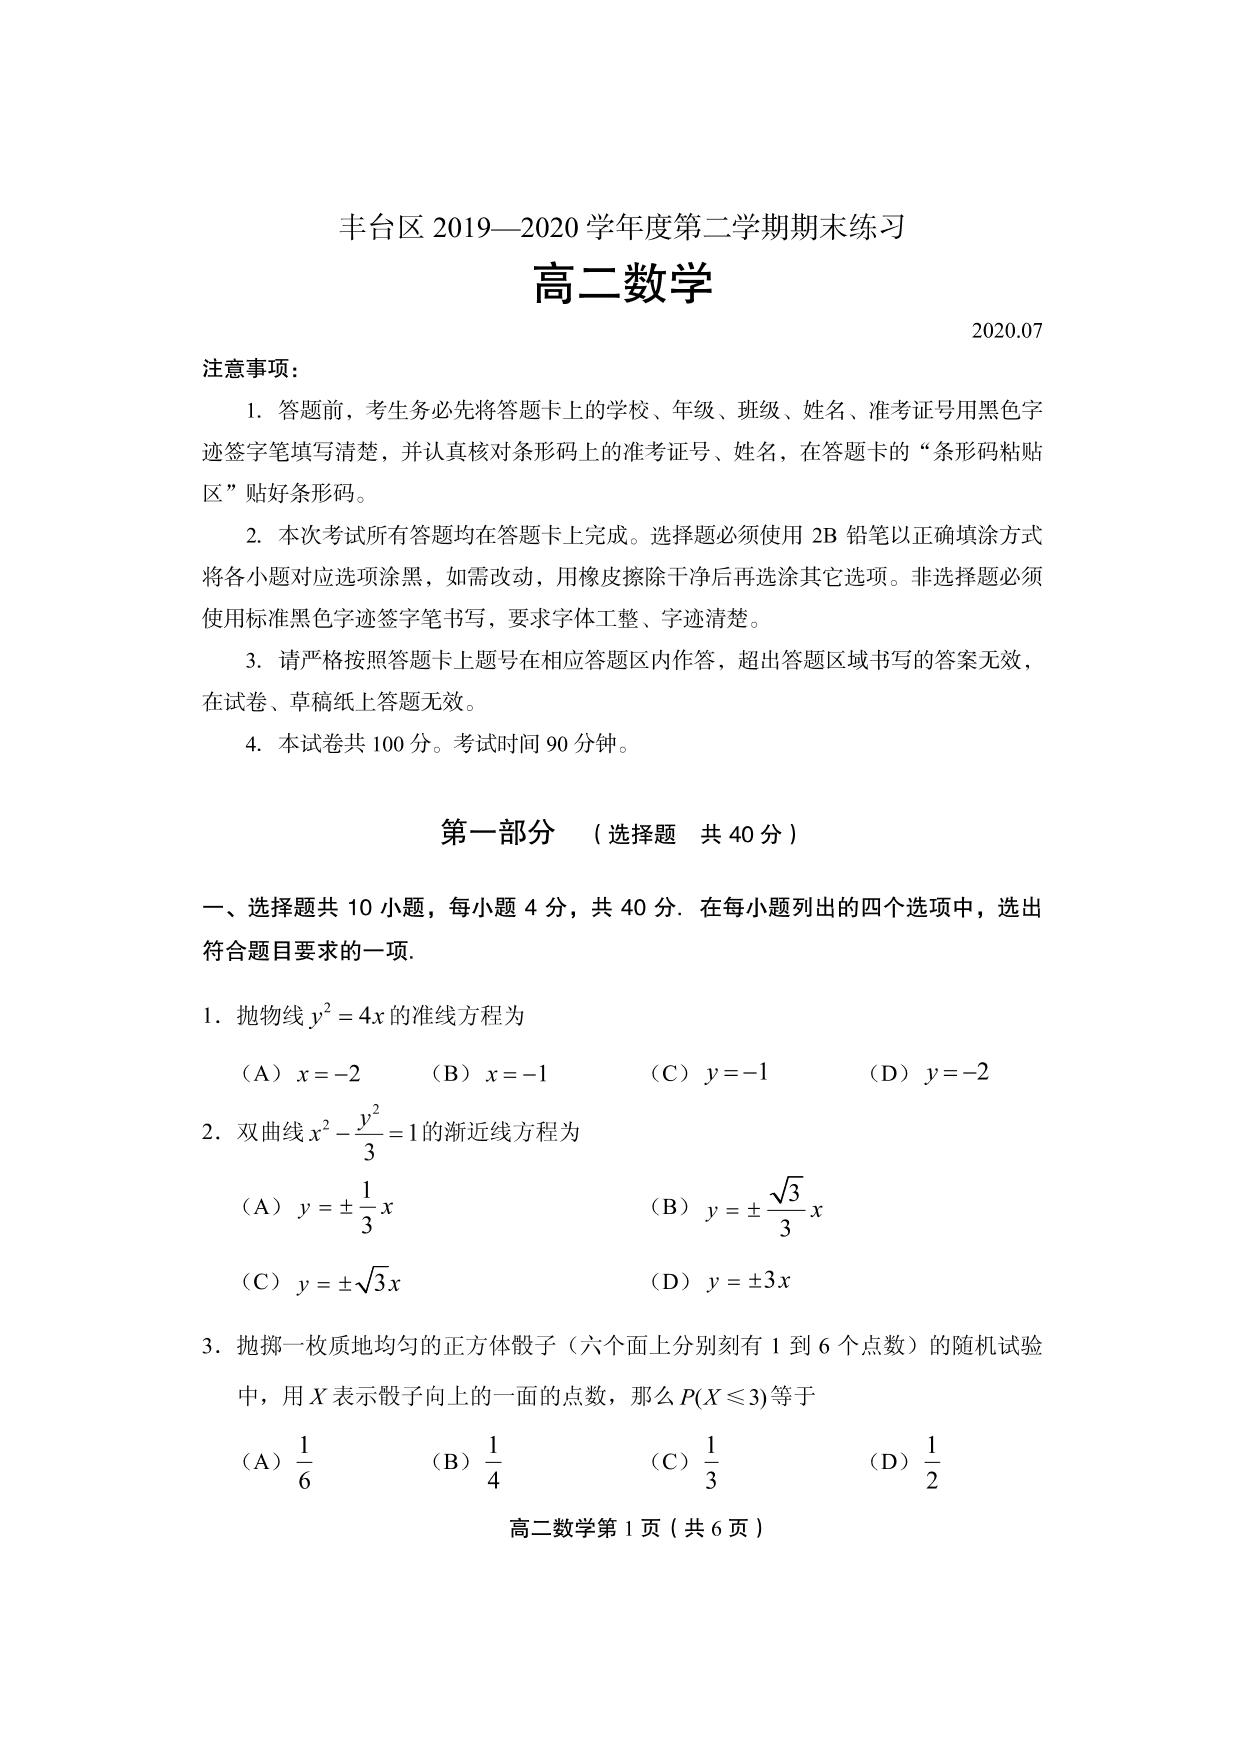 北京市丰台区 2019—2020学年度第二学期期末练习 高二数学试卷(PDF版 无答案)